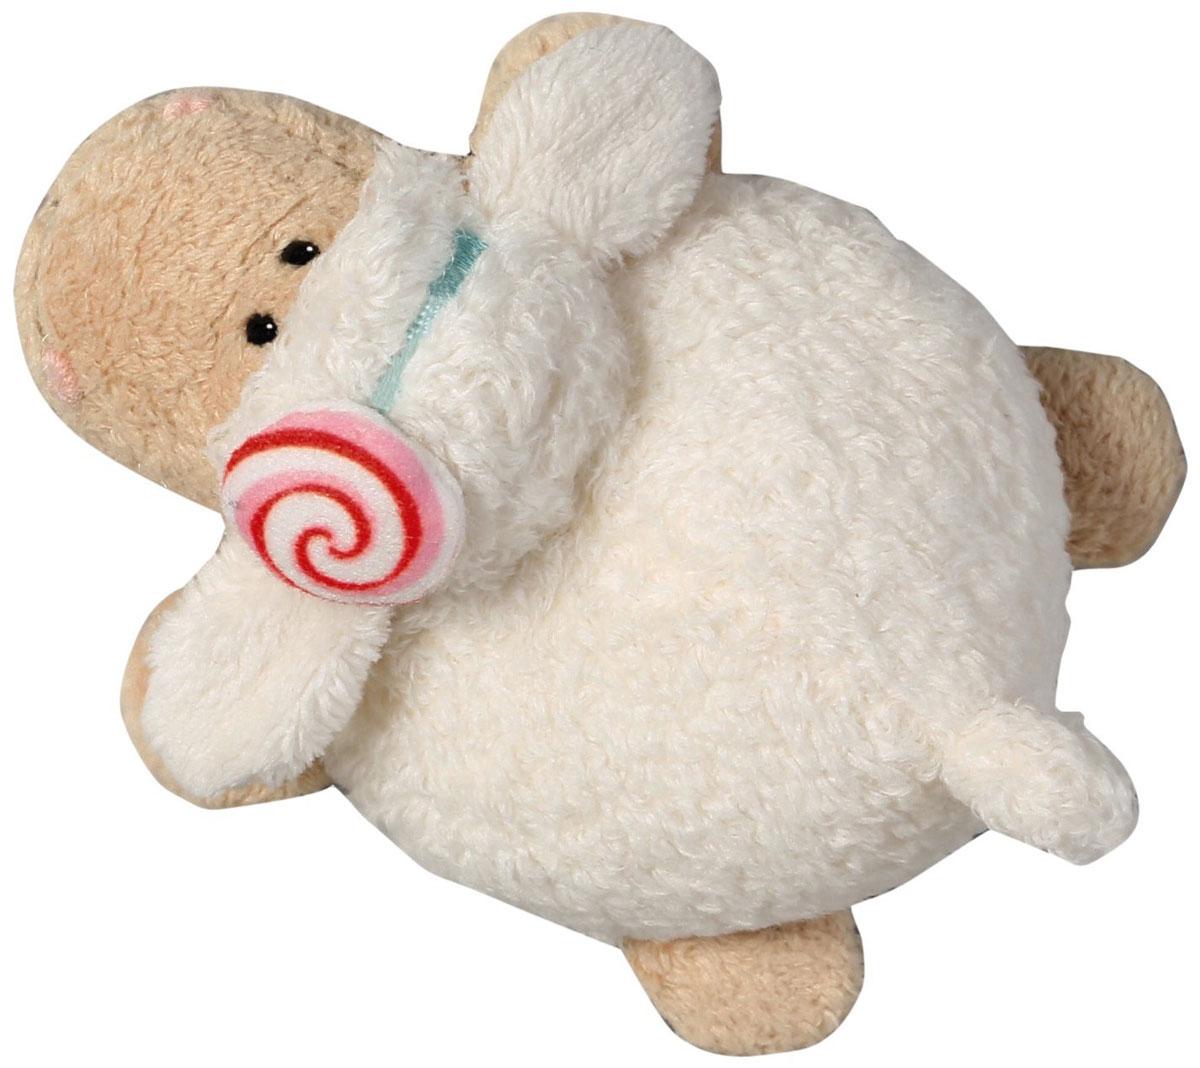 Nici Мягкая игрушка Овечка Кэнди 10 см мягкая игрушка овечка эми 35 см nici 36330